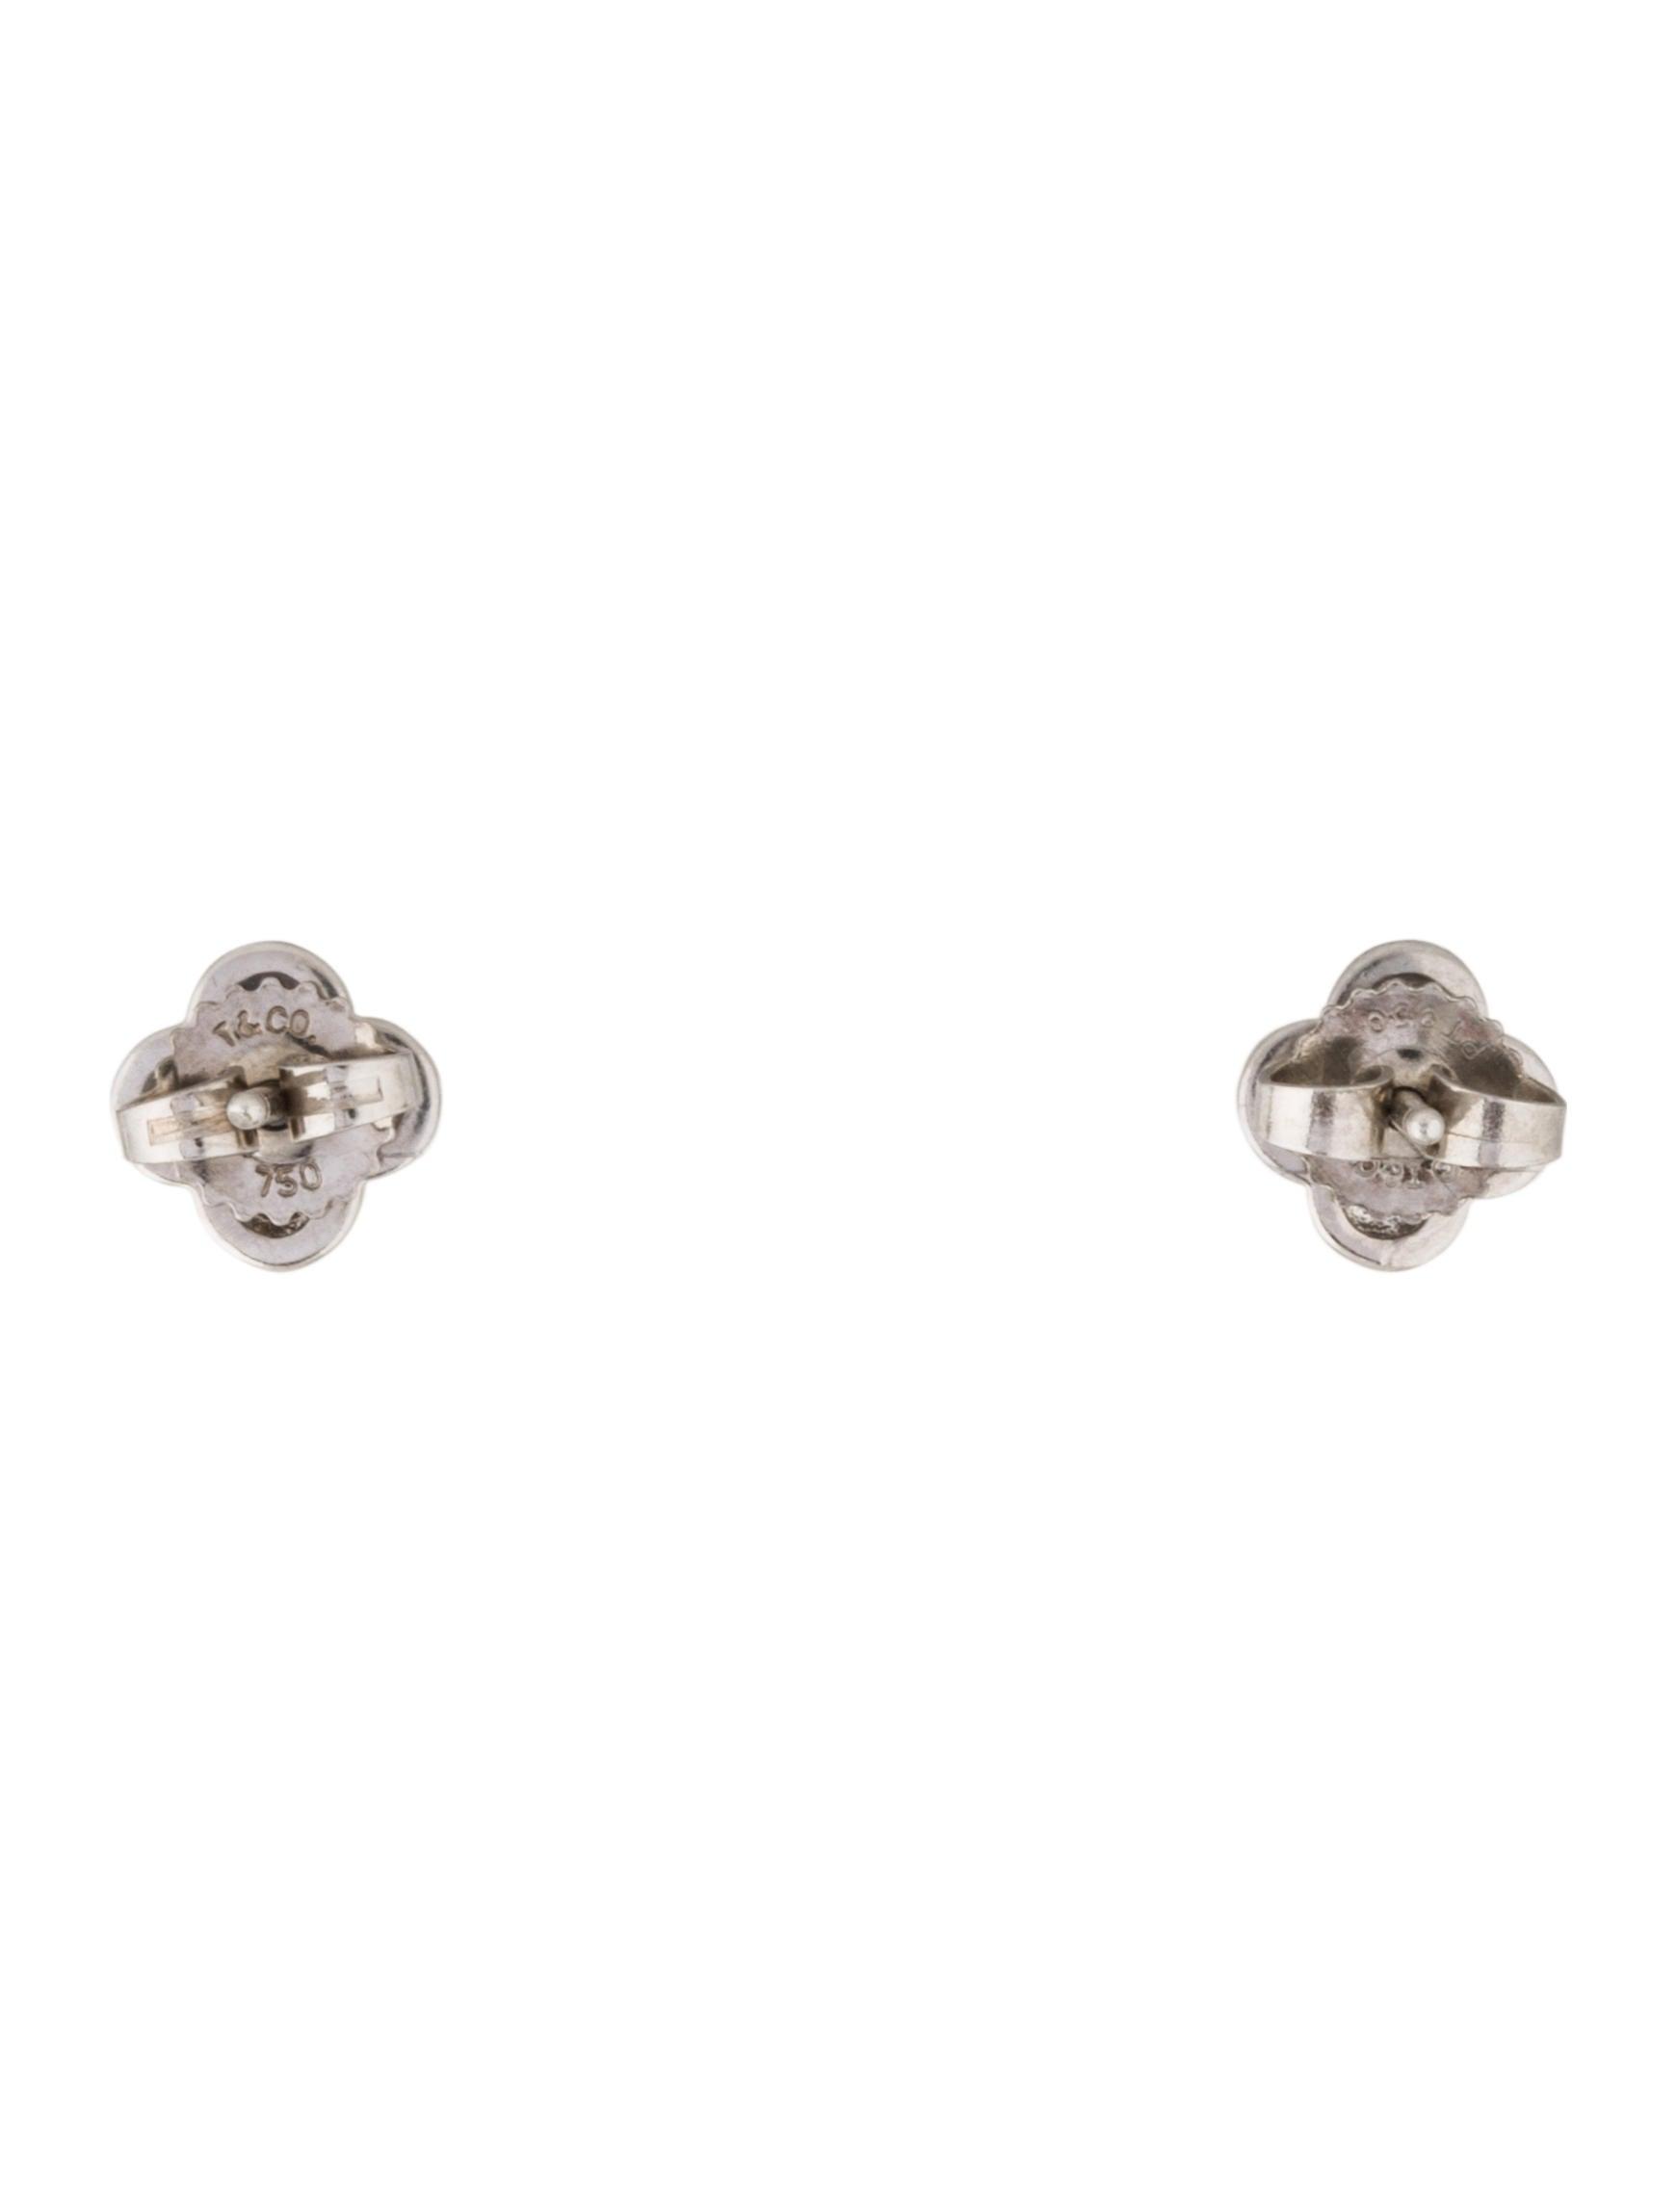 Tiffany Amp Co Diamond Cluster Stud Earrings Earrings